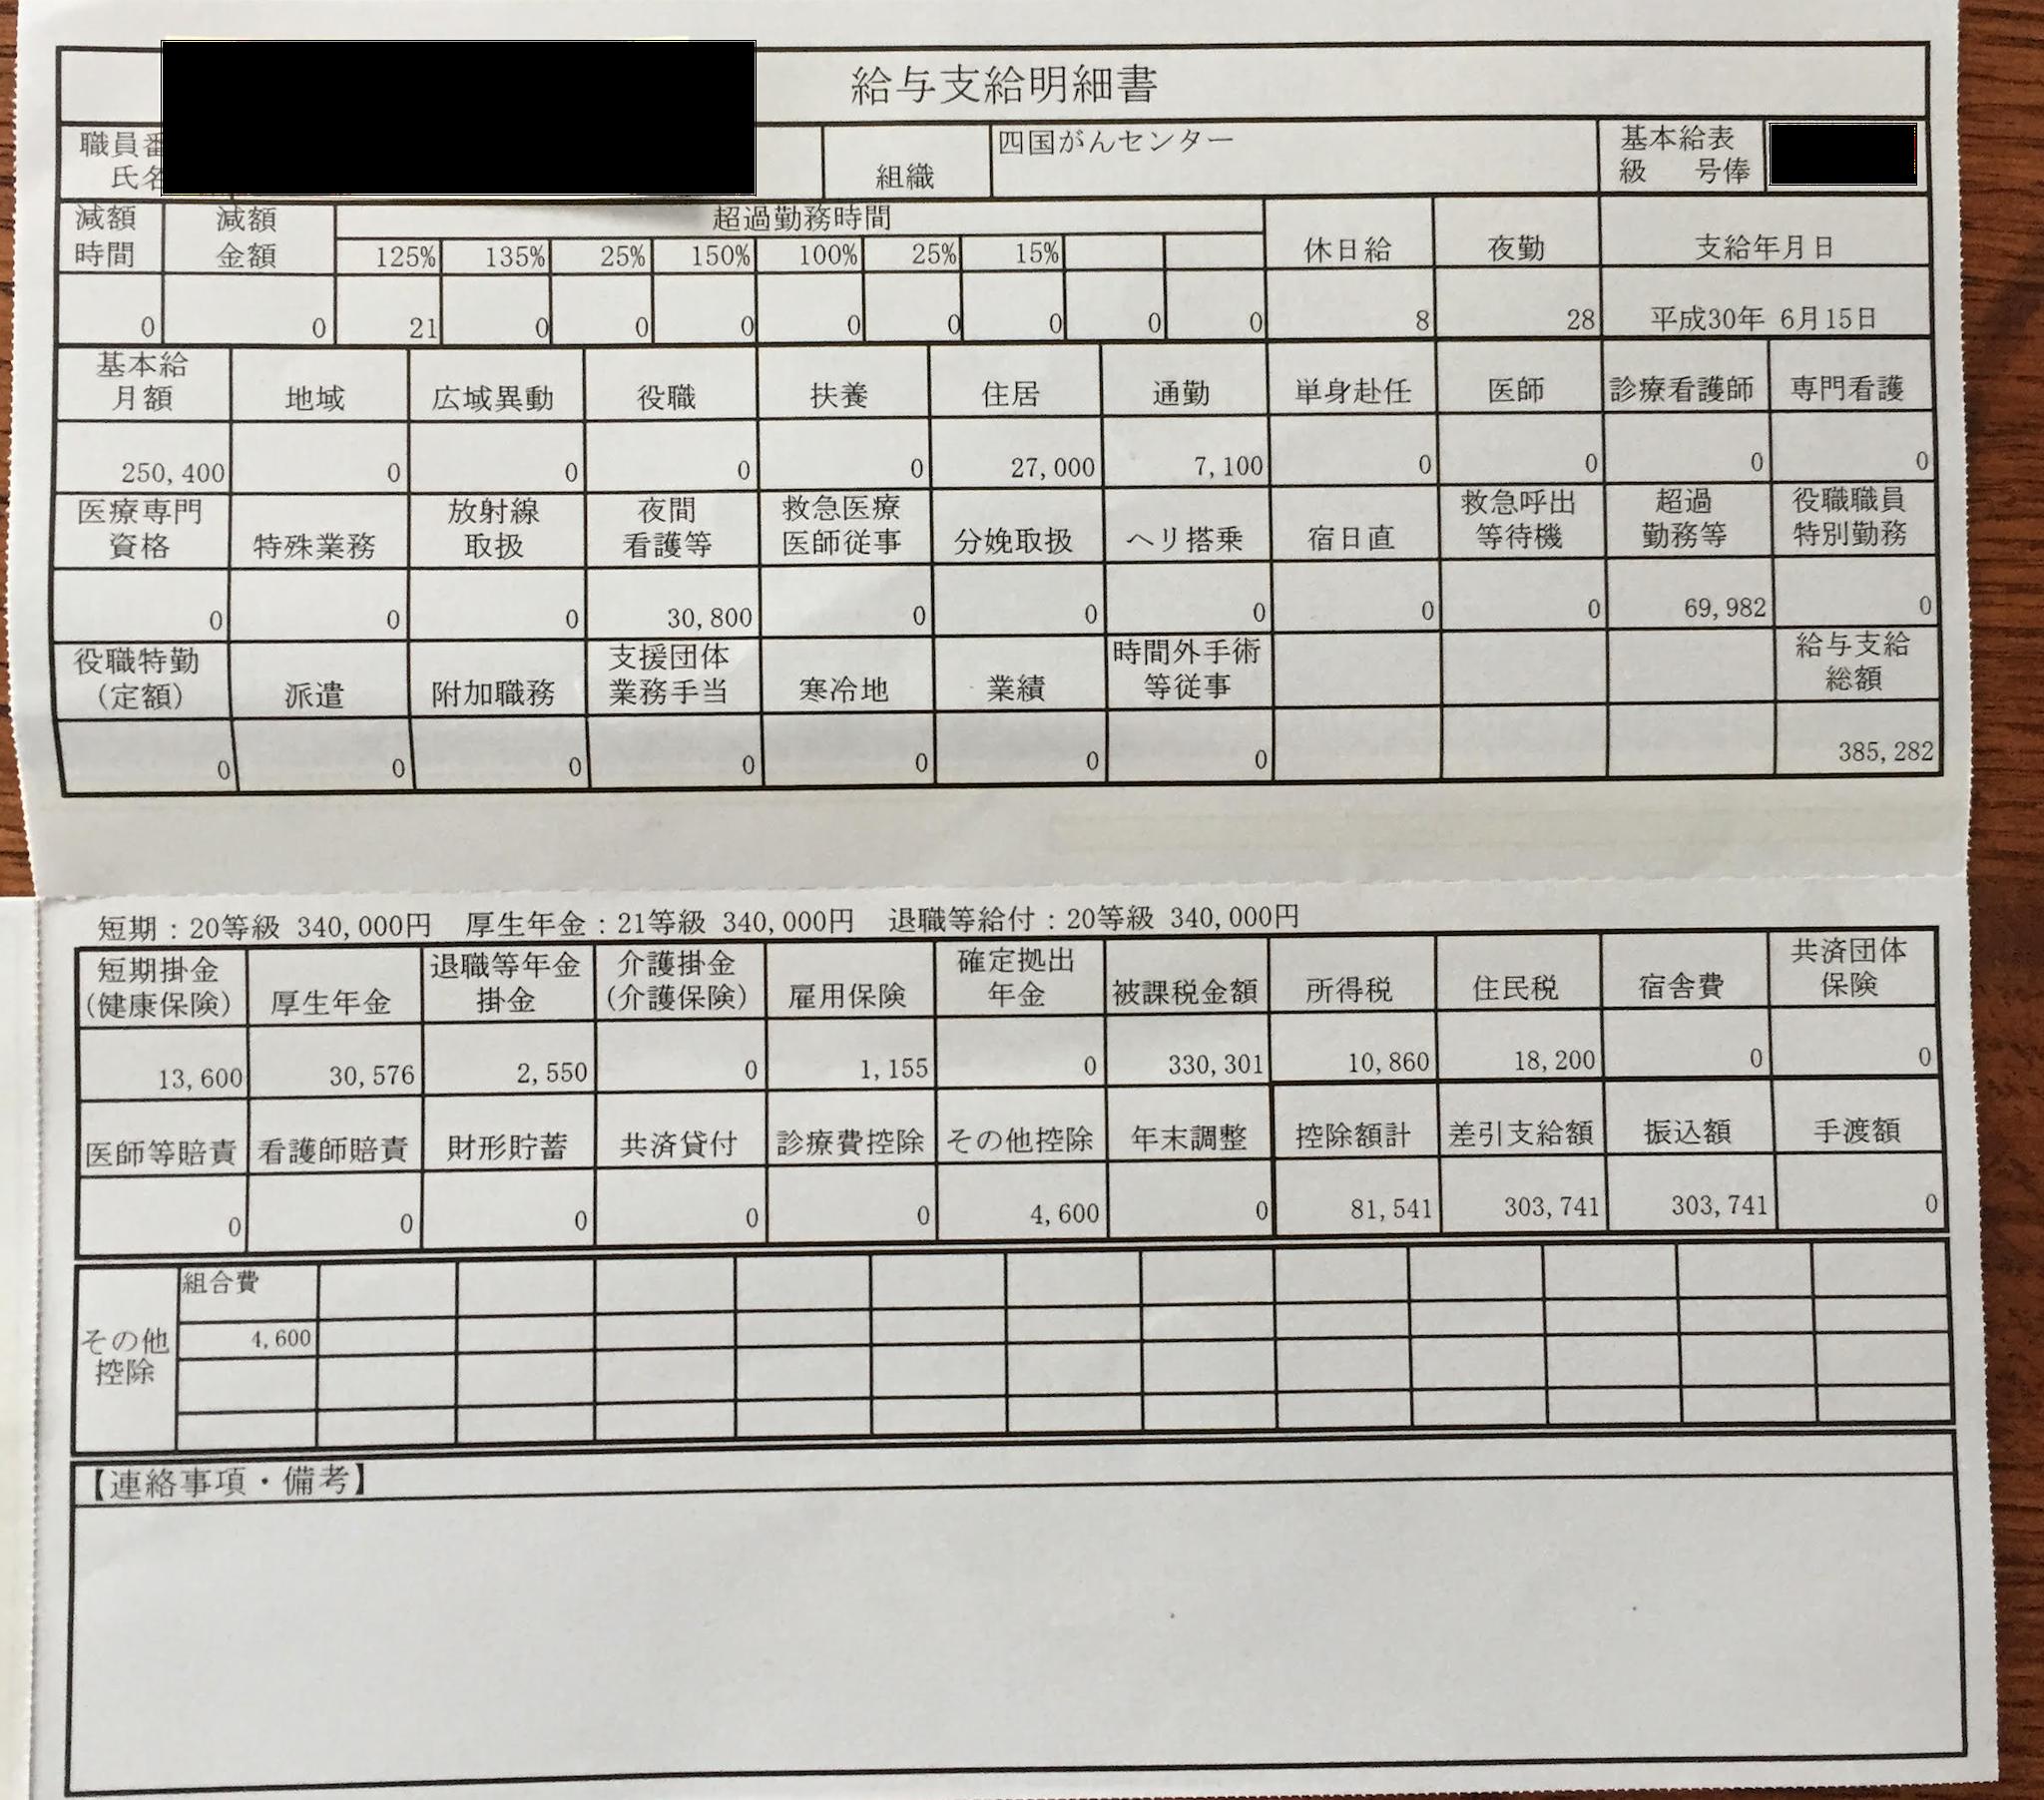 【実際の画像】国立病院機構四国がんセンター・看護師の給与明細・ボーナス・年収・口コミ